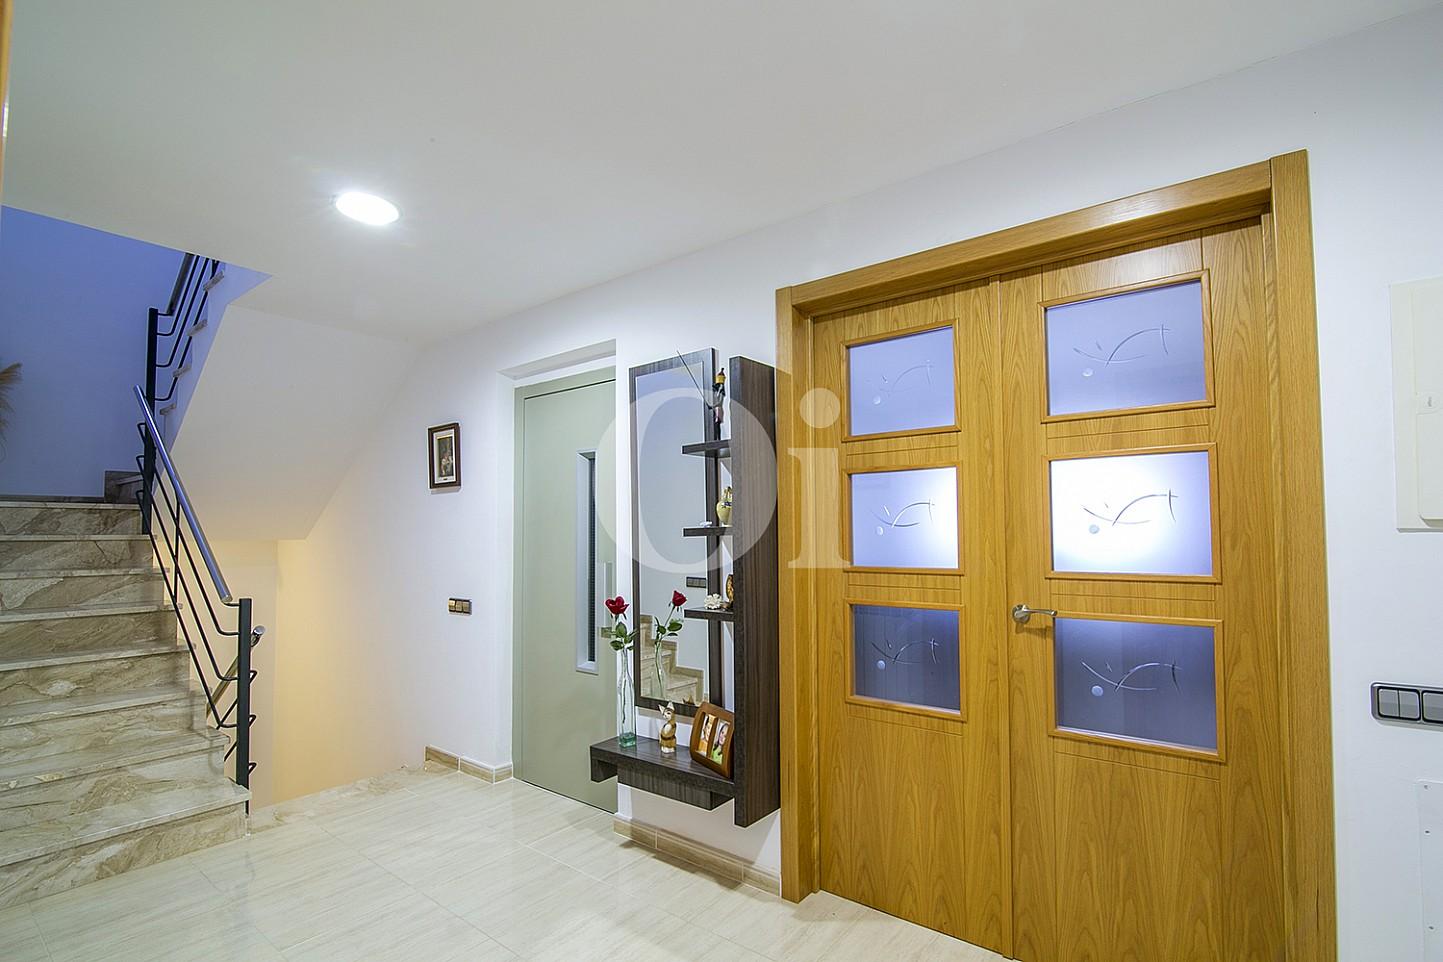 Accés al pis superior d'una casa amb vistes en venda a Lloret de Mar, Costa Brava